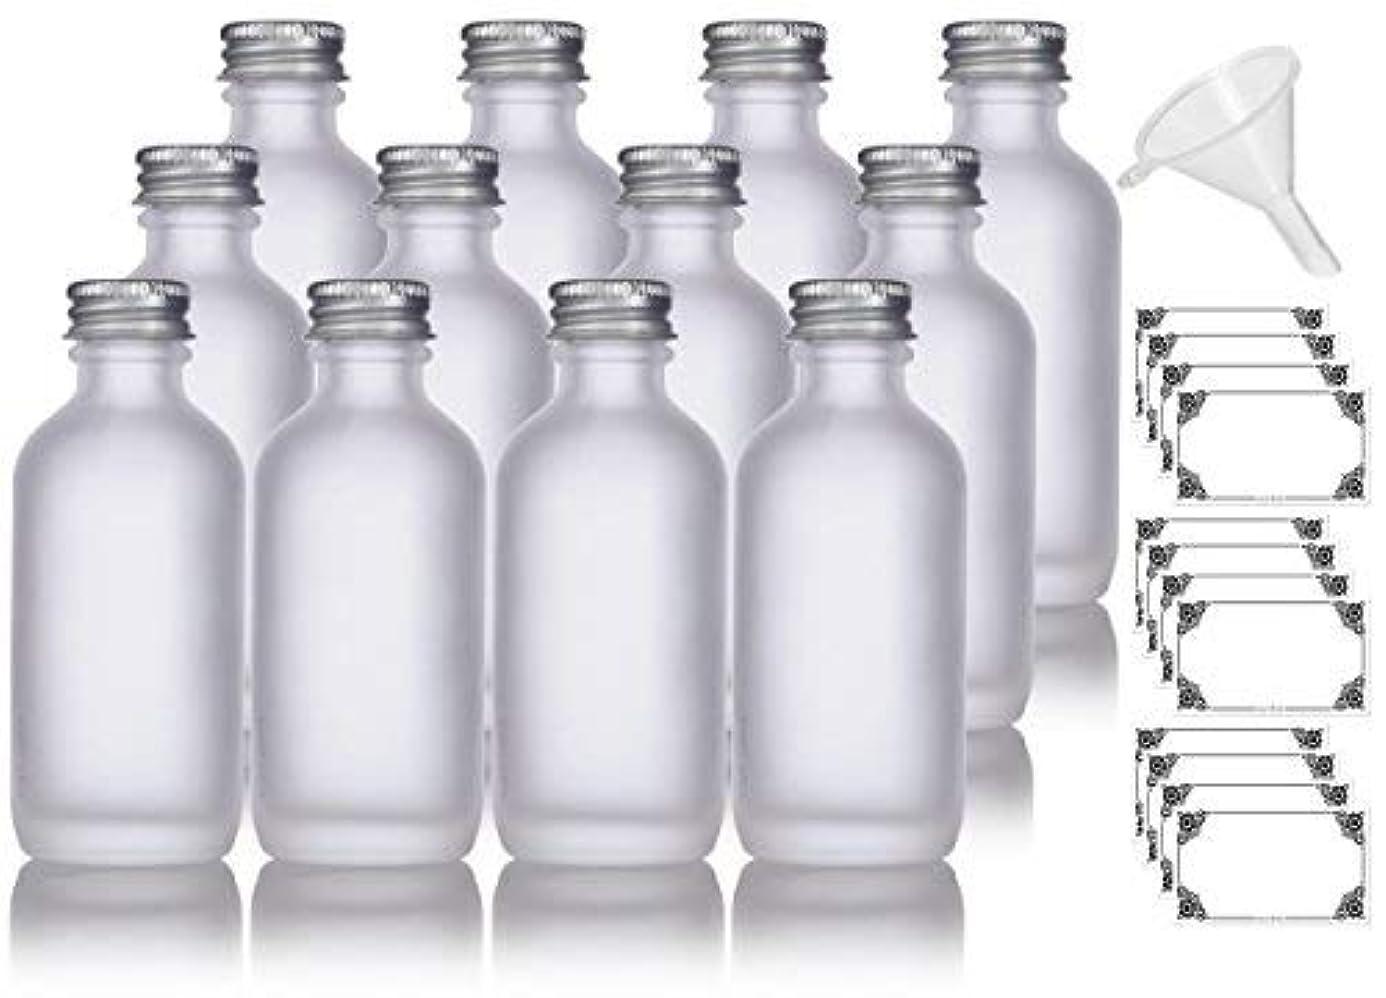 幻滅する暗殺者定期的2 oz Frosted Clear Glass Boston Round Silver Screw On Cap Bottle (12 pack) + Funnel and Labels for cosmetics, serums, essential oils, aromatherapy, food grade, bpa free [並行輸入品]